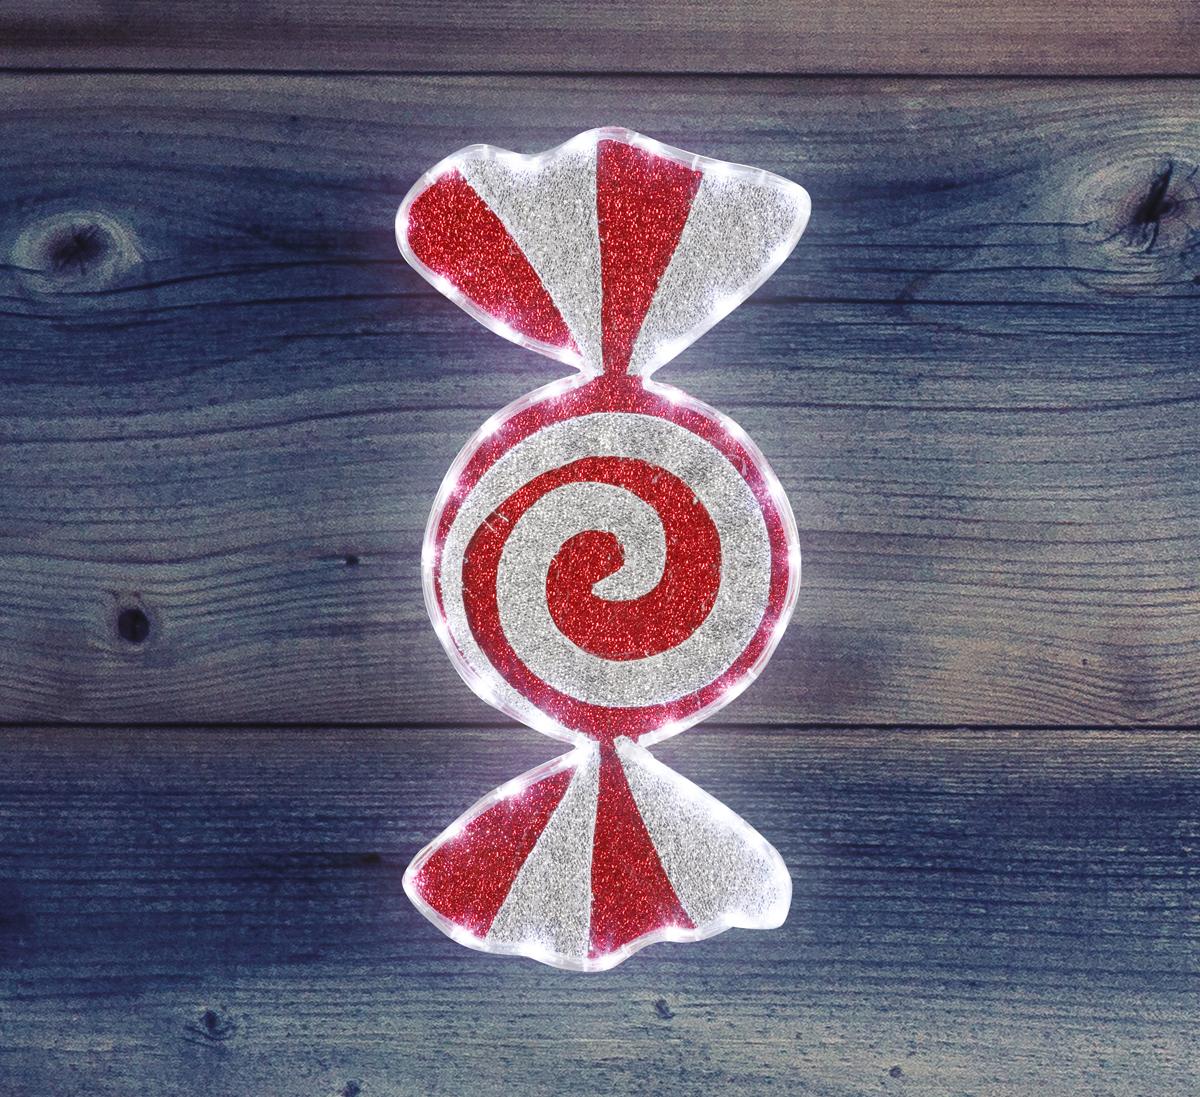 Фигура Карамель бархатная, размеры 60*30 см (42 БЕЛЫХ LED)514-052Фигура Карамель имеет цветовое заполнение из специального материала, благодаря этому она выглядит празднично не только в темное время суток, когда радует глаз своим свечением, но и днем, отражая свет и переливаясь при попадании солнечных лучей. Фигура Леденец не только доставляет радость детям, но и позволяет взрослым погрузиться в сказочный мир детства и вспомнить о тех радостных моментах празднования Нового Года и Рождества!